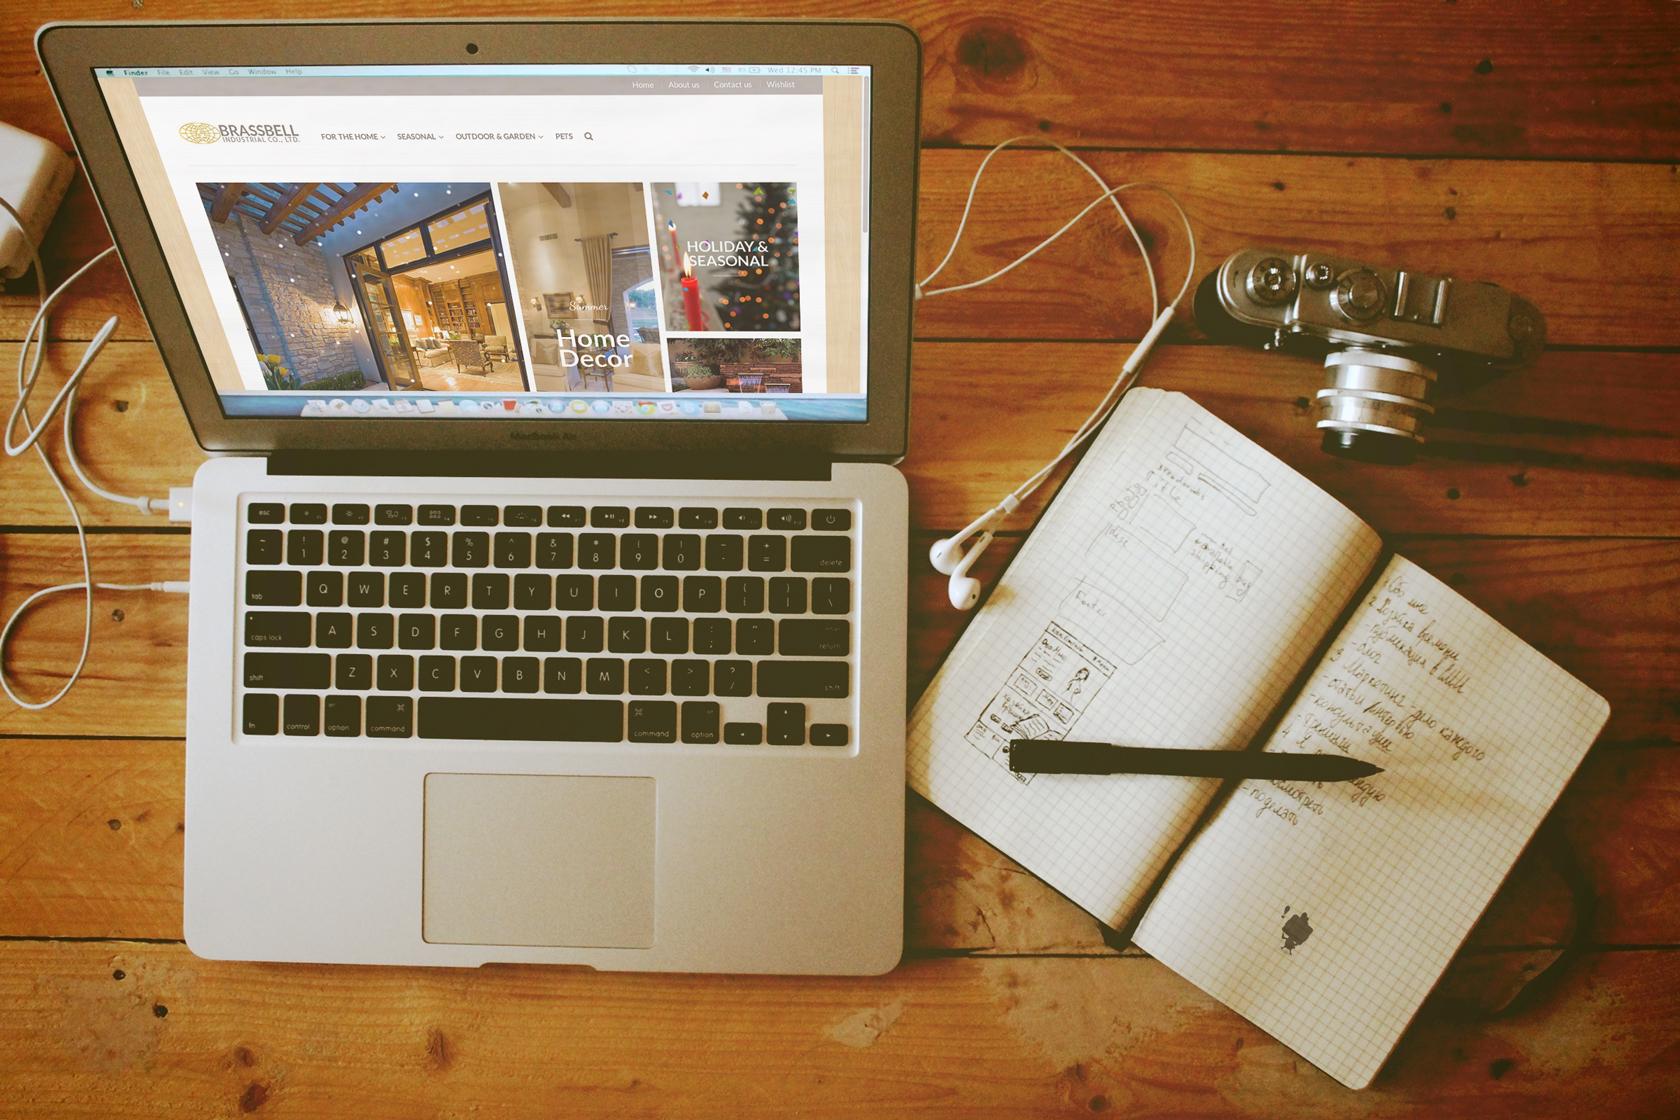 Brassbell傢俱飾品網頁設計 自適應網頁設計